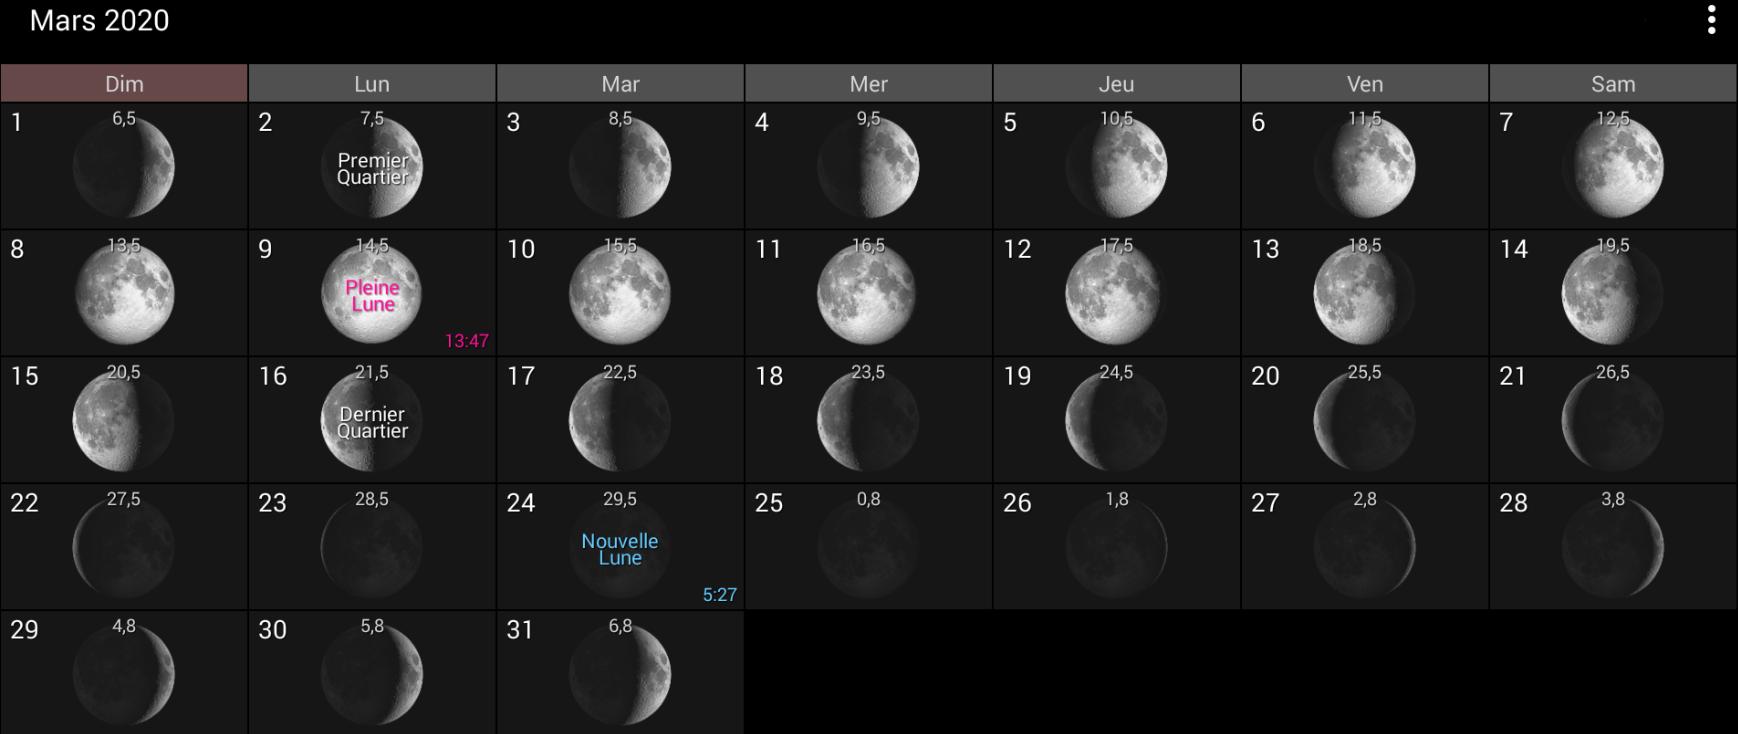 Les phases de la Lune pour mars 2020